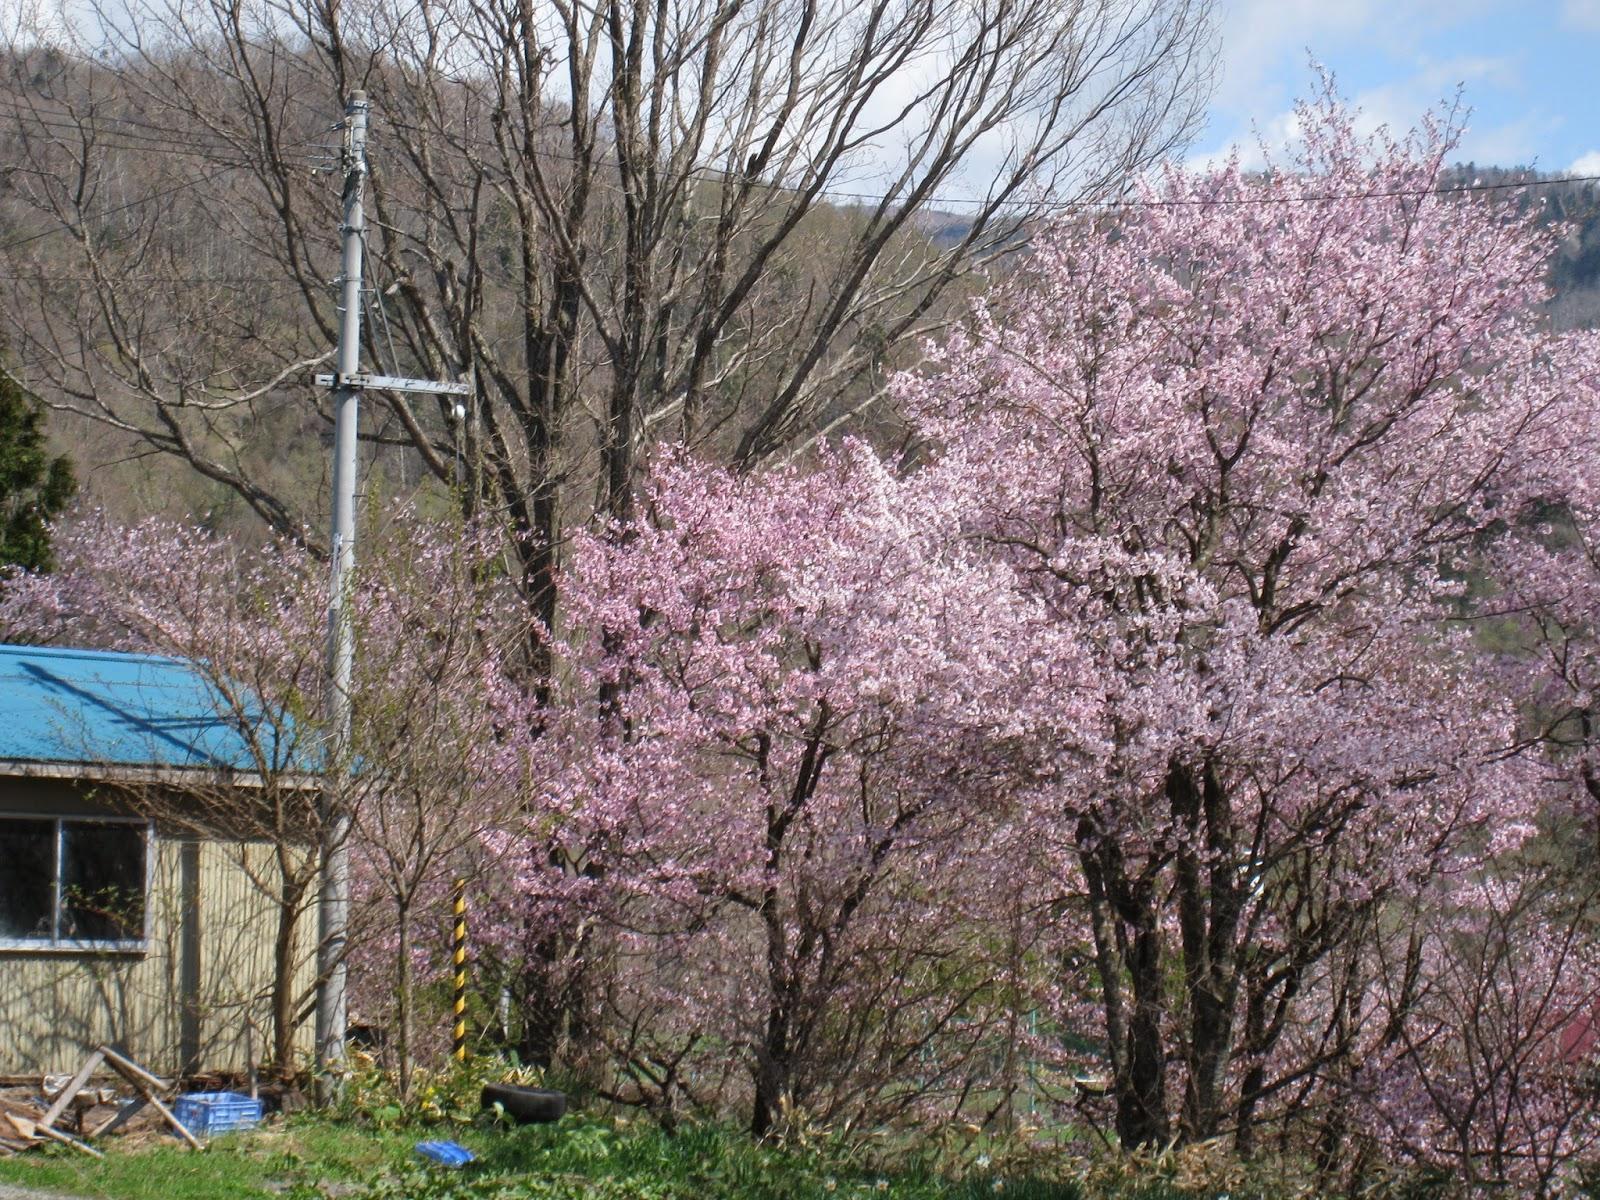 北海道賞櫻季 - 夢幻的五月天 | 北海道菜鳥遊記